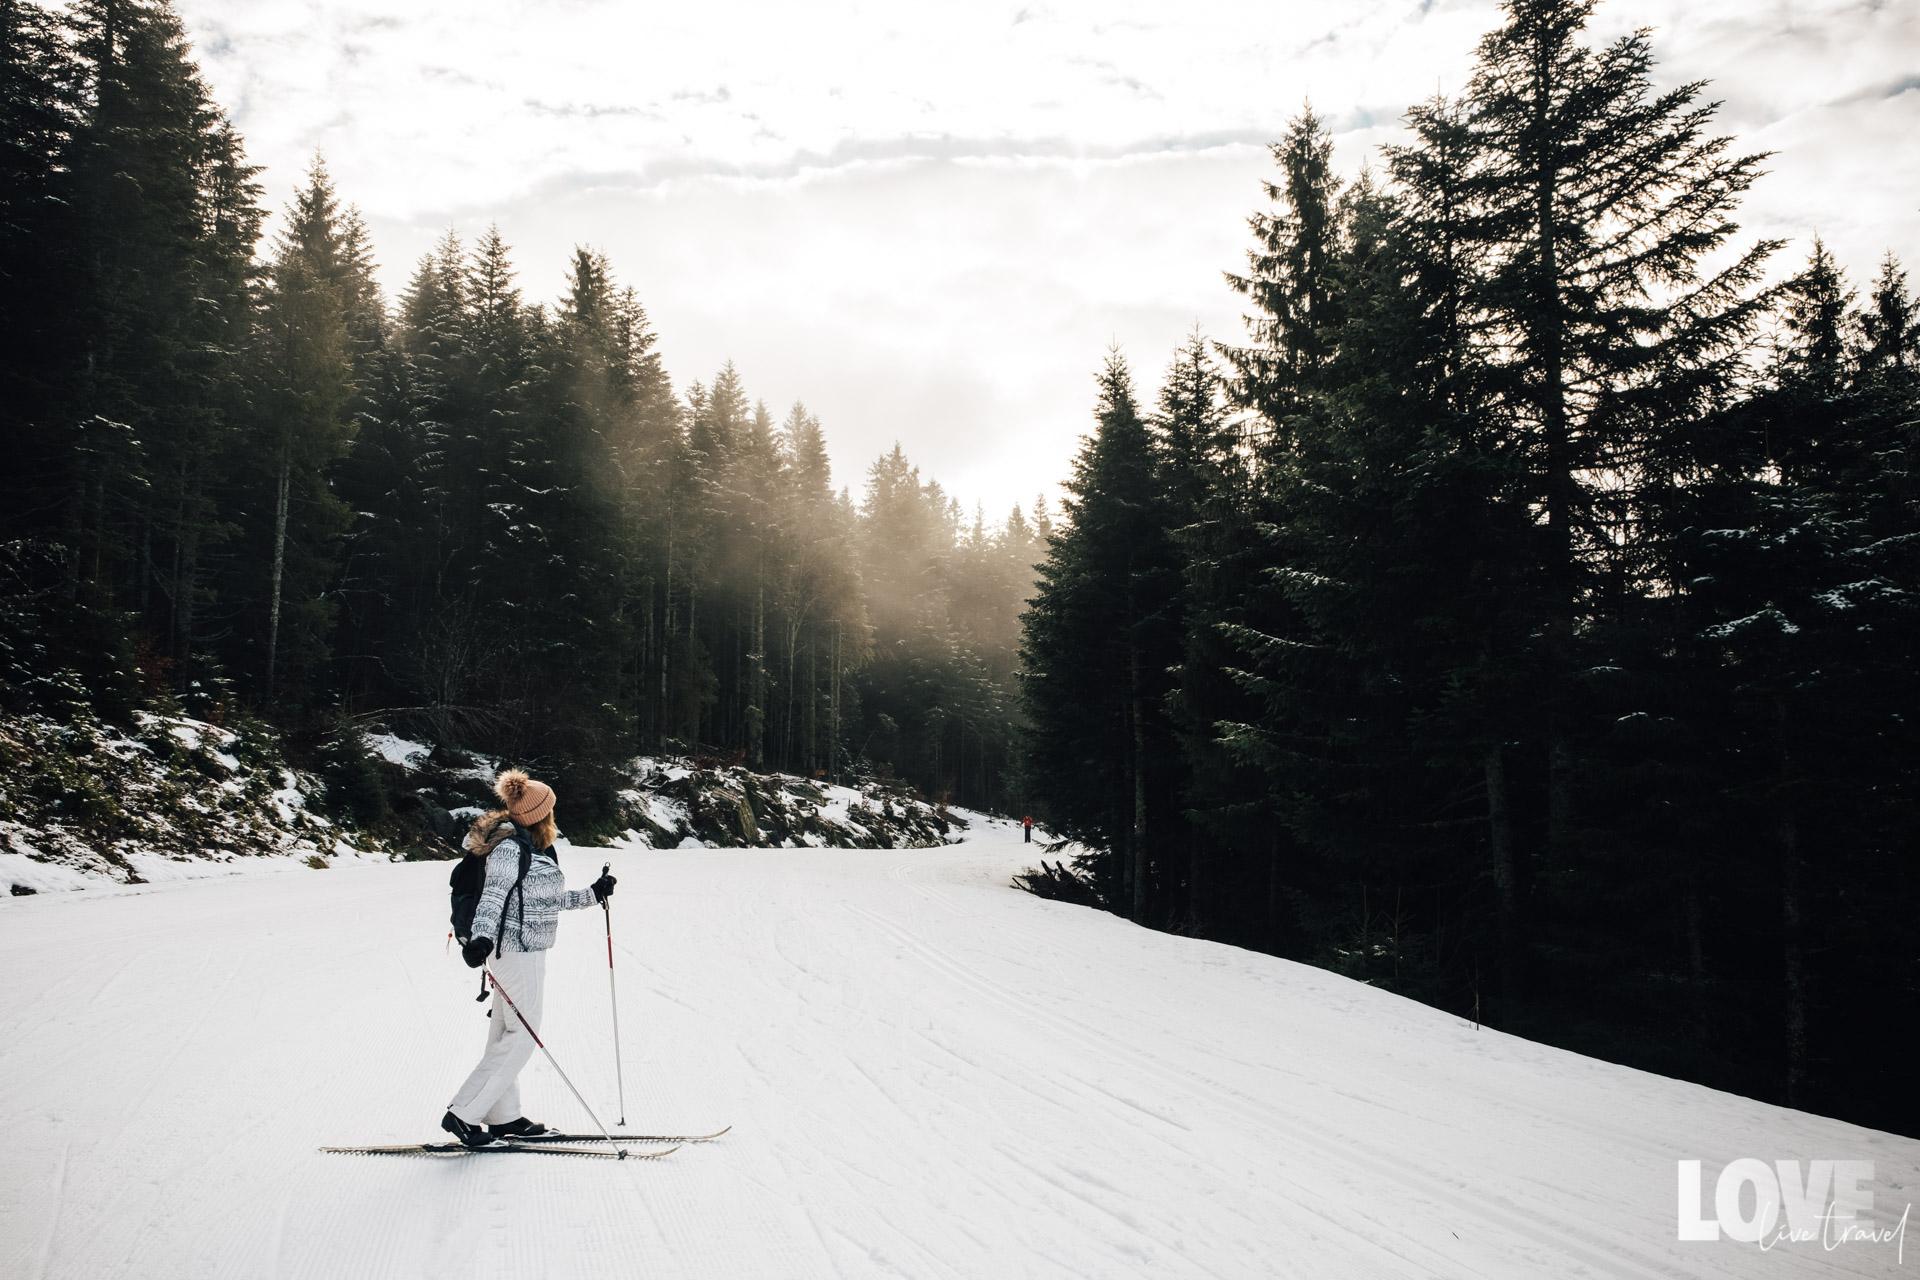 Comment bien réserver son séjour au ski ?